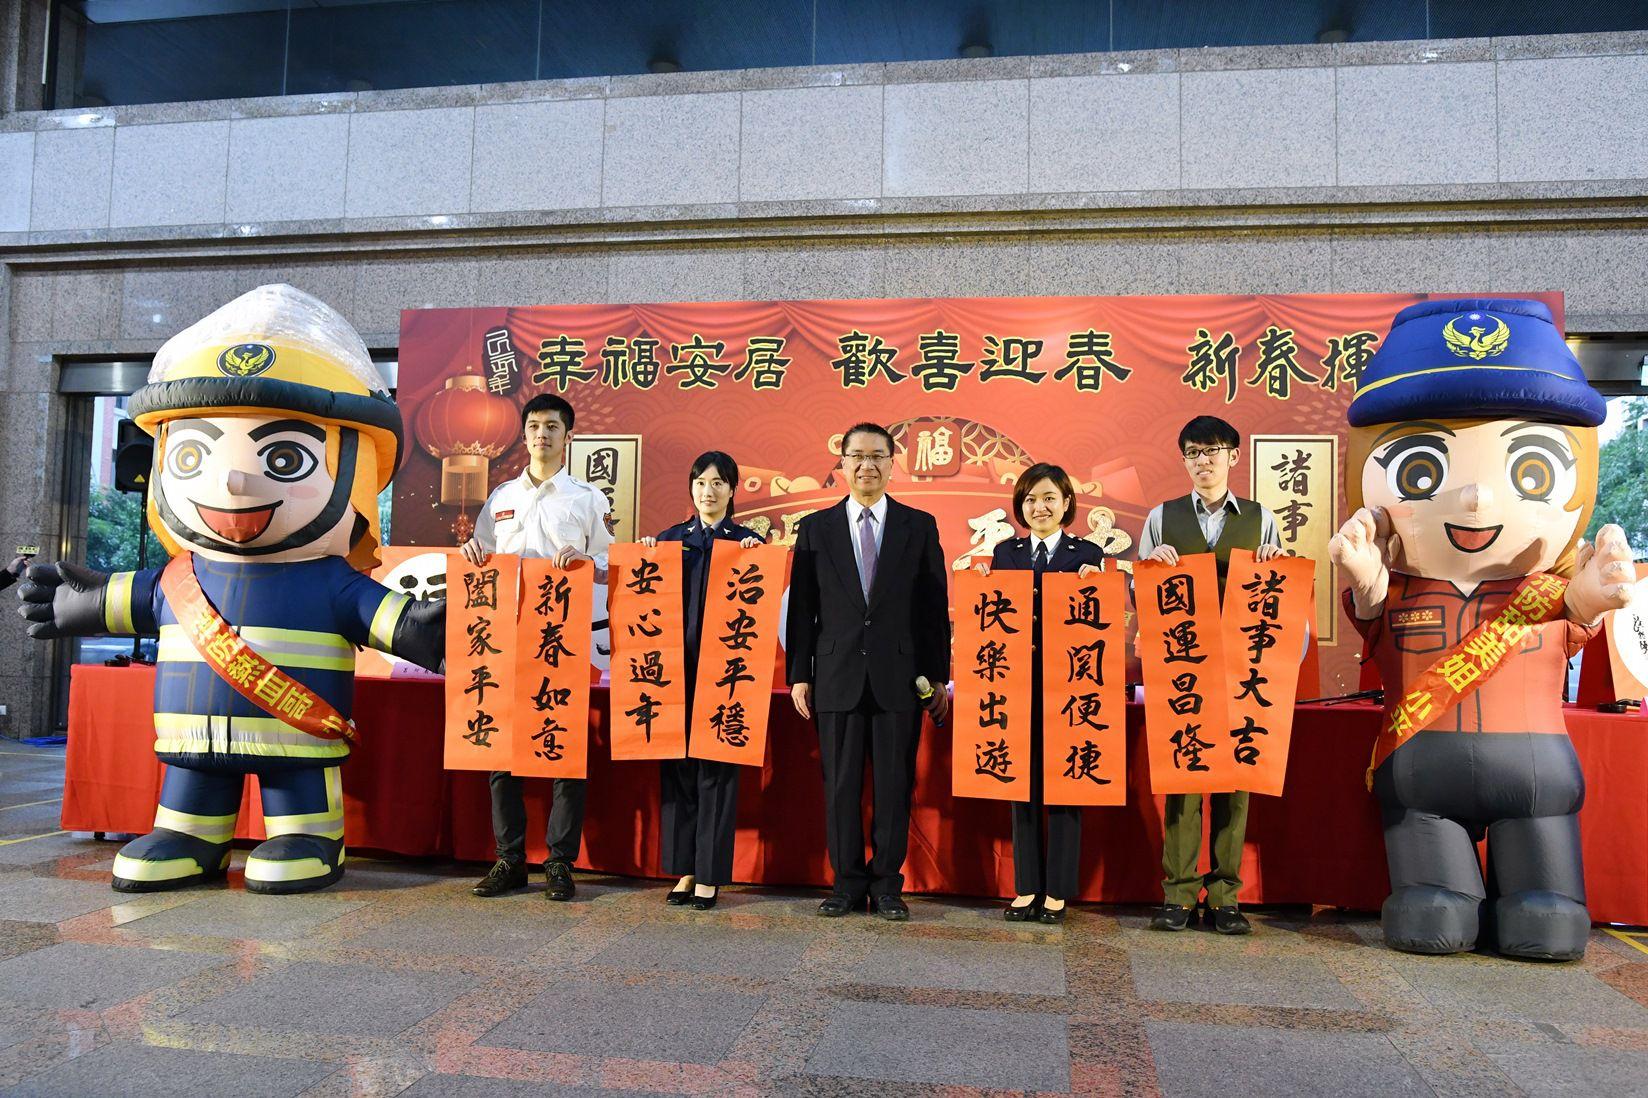 內政部長徐國勇(中)表示,春節期間內政多項服務不打烊,並以聯句預祝民眾新的一年都能「豬」事大吉,闔家平安。